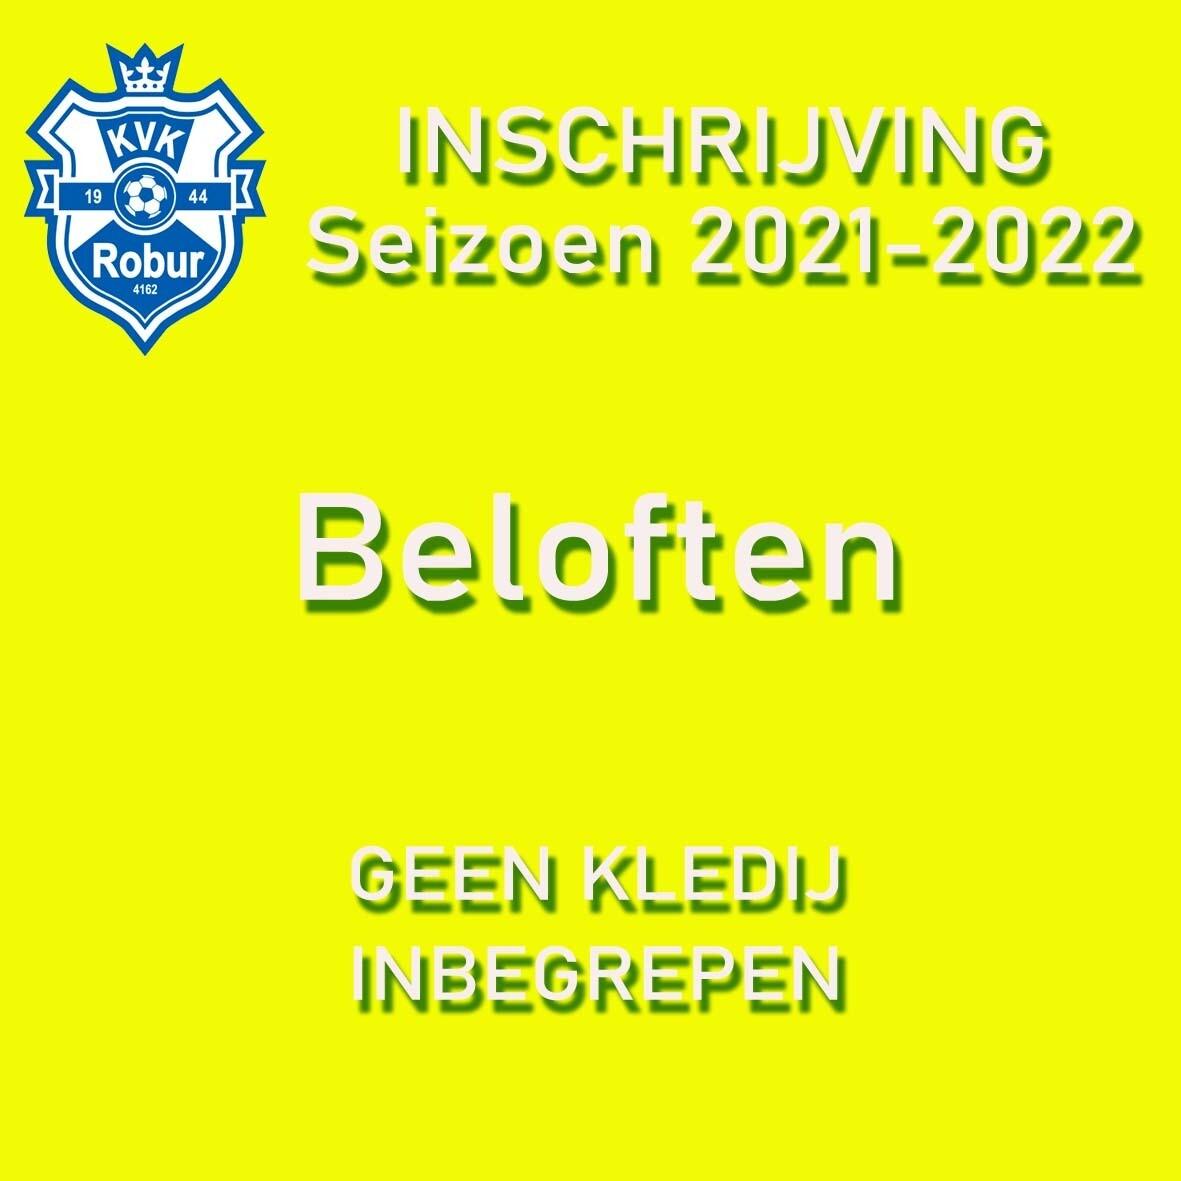 Inschrijving Seizoen 2021 - 2022  Beloften